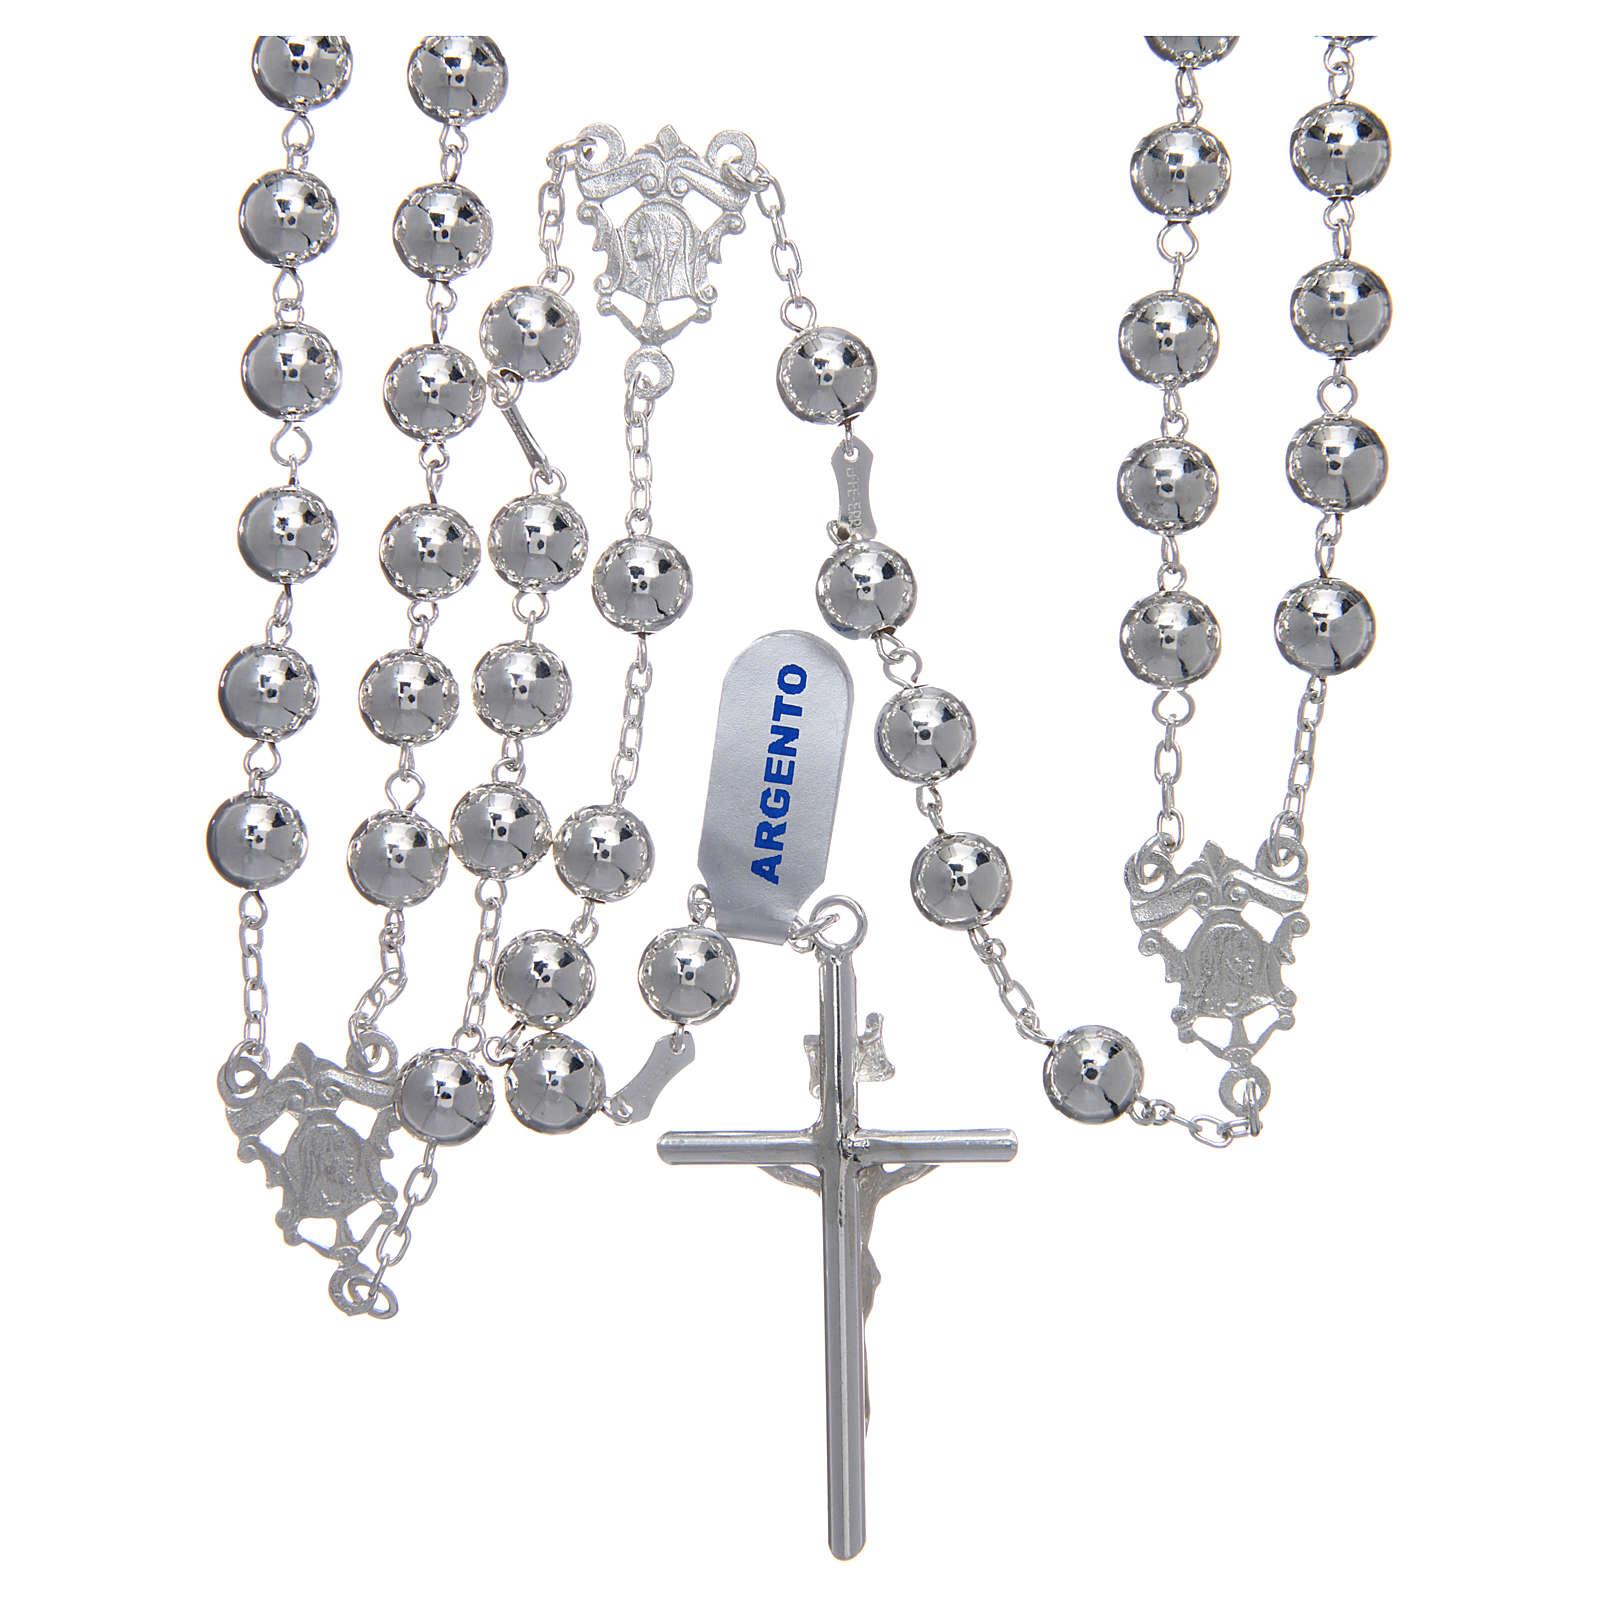 Rosario messicano del matrimonio argento 925 pallina lucida croce tronchetto 4